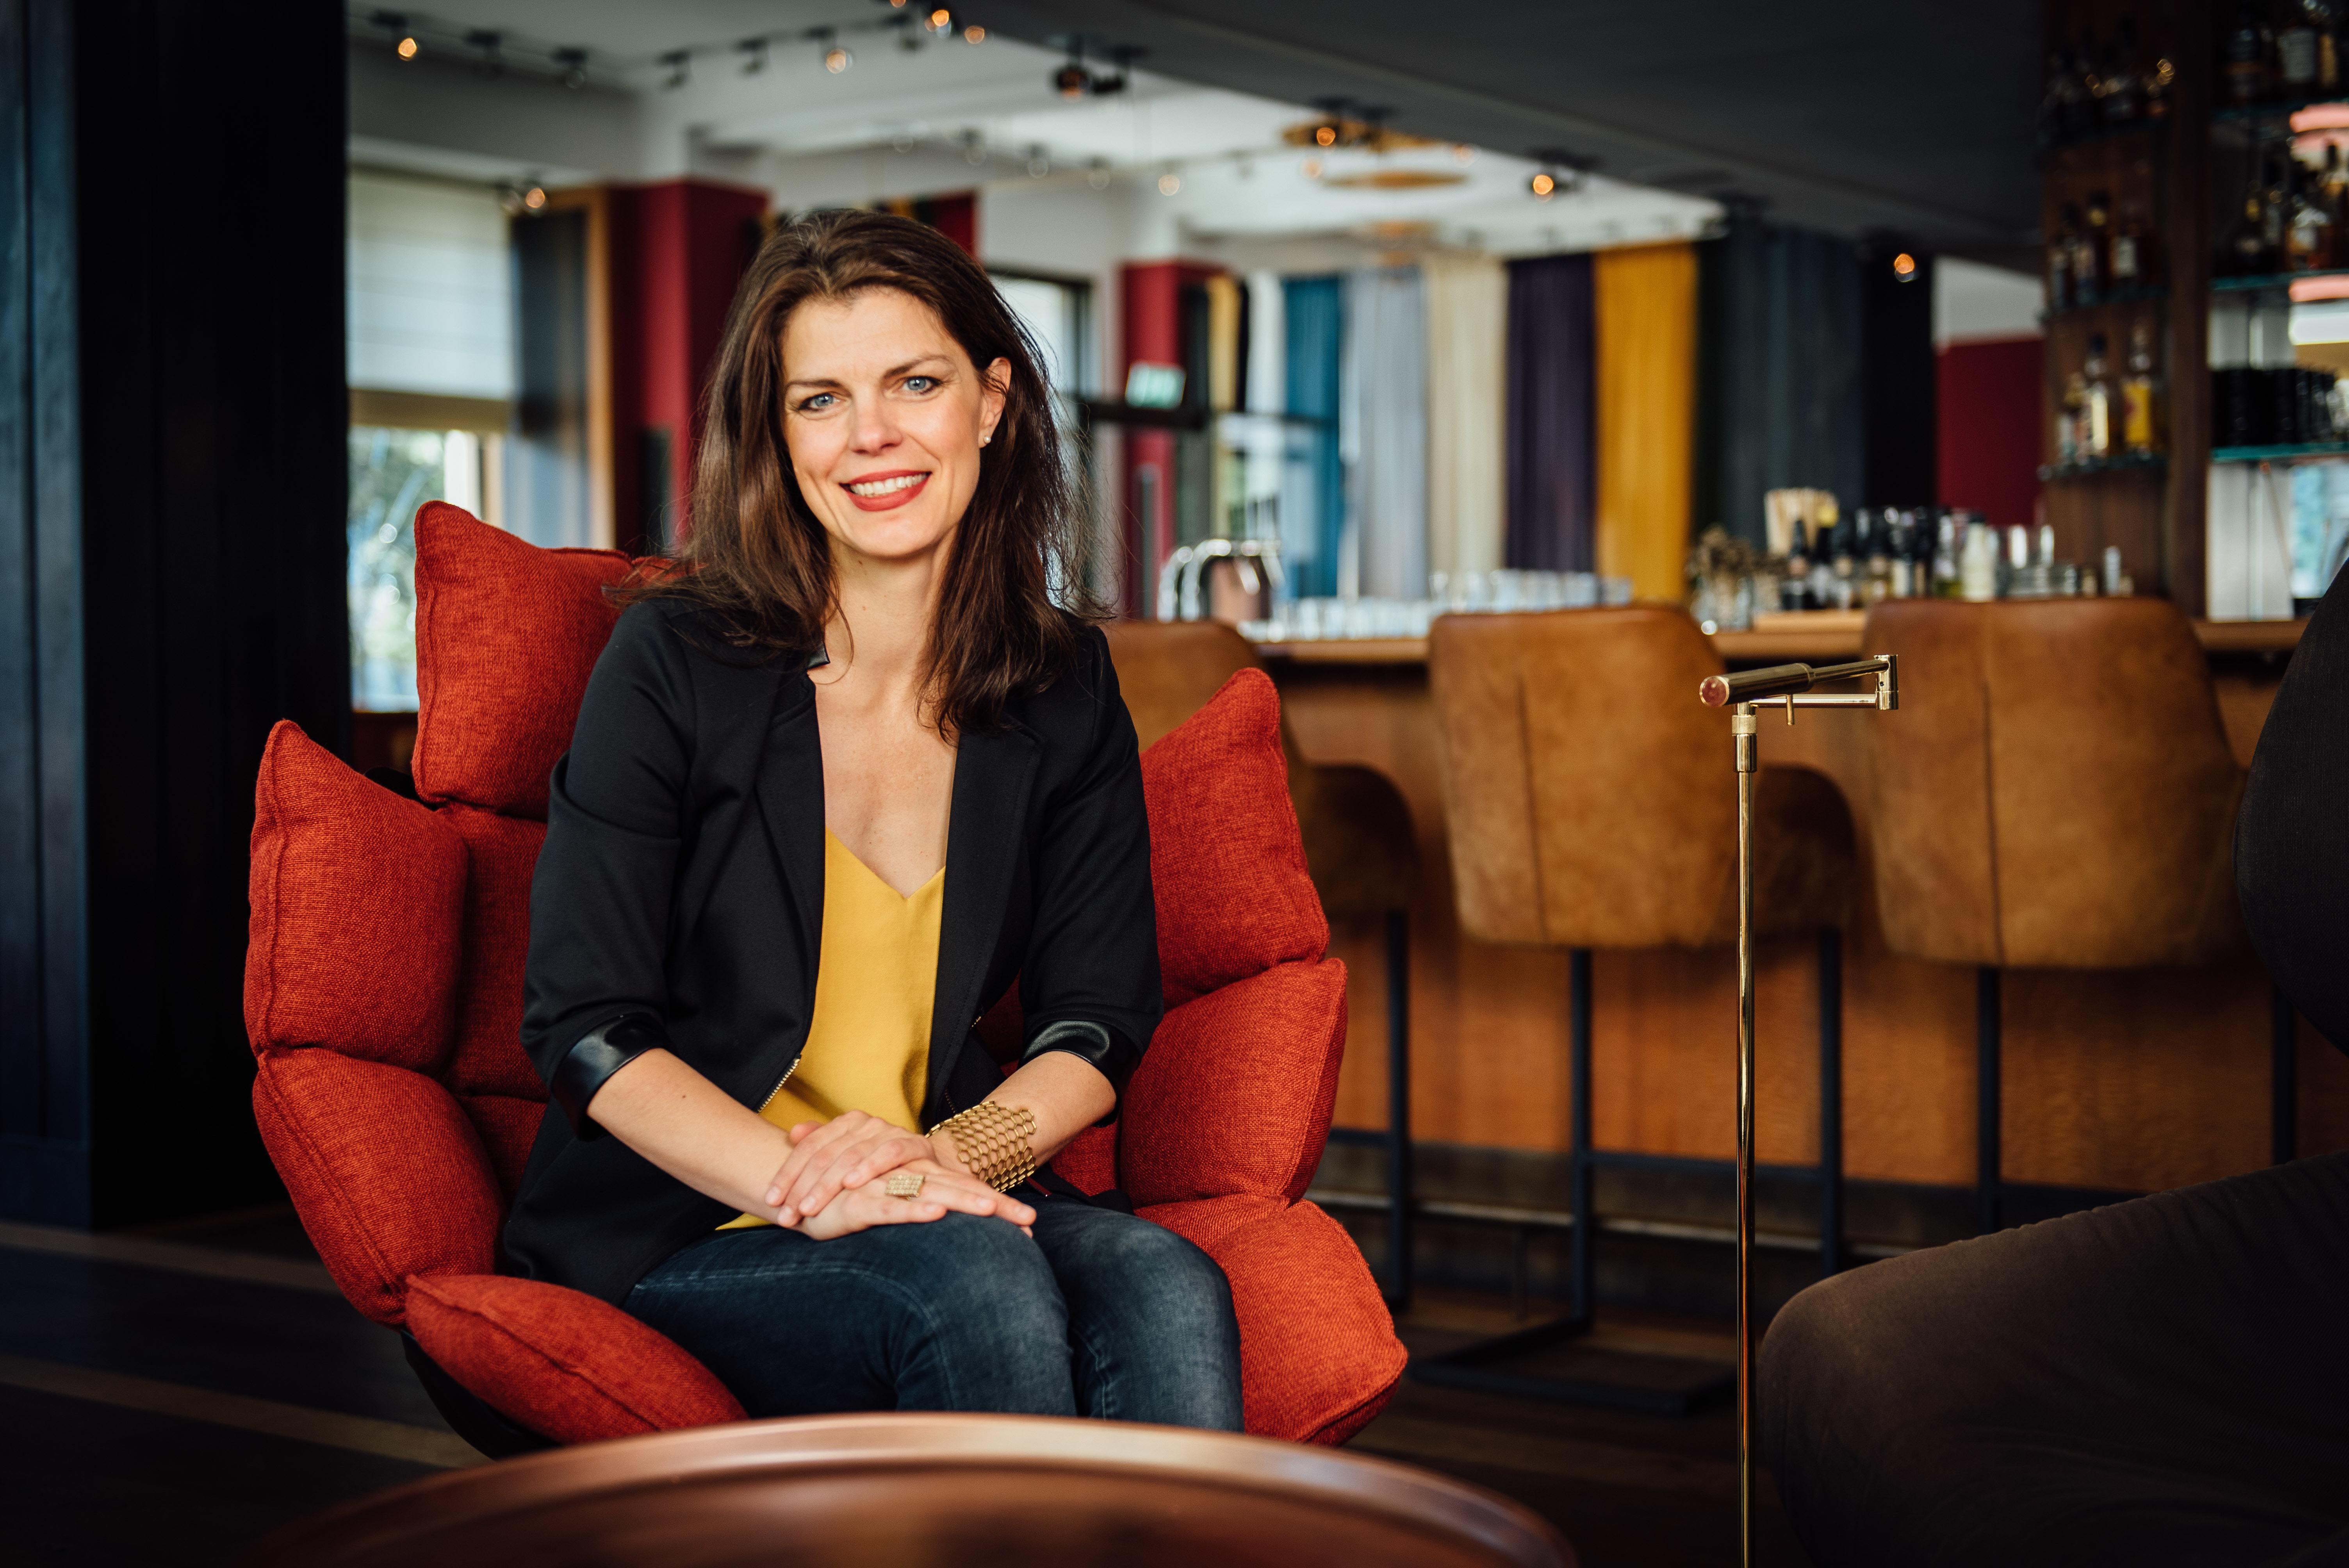 Frau auf einem roten Sessel in einer Hotel-Lobby